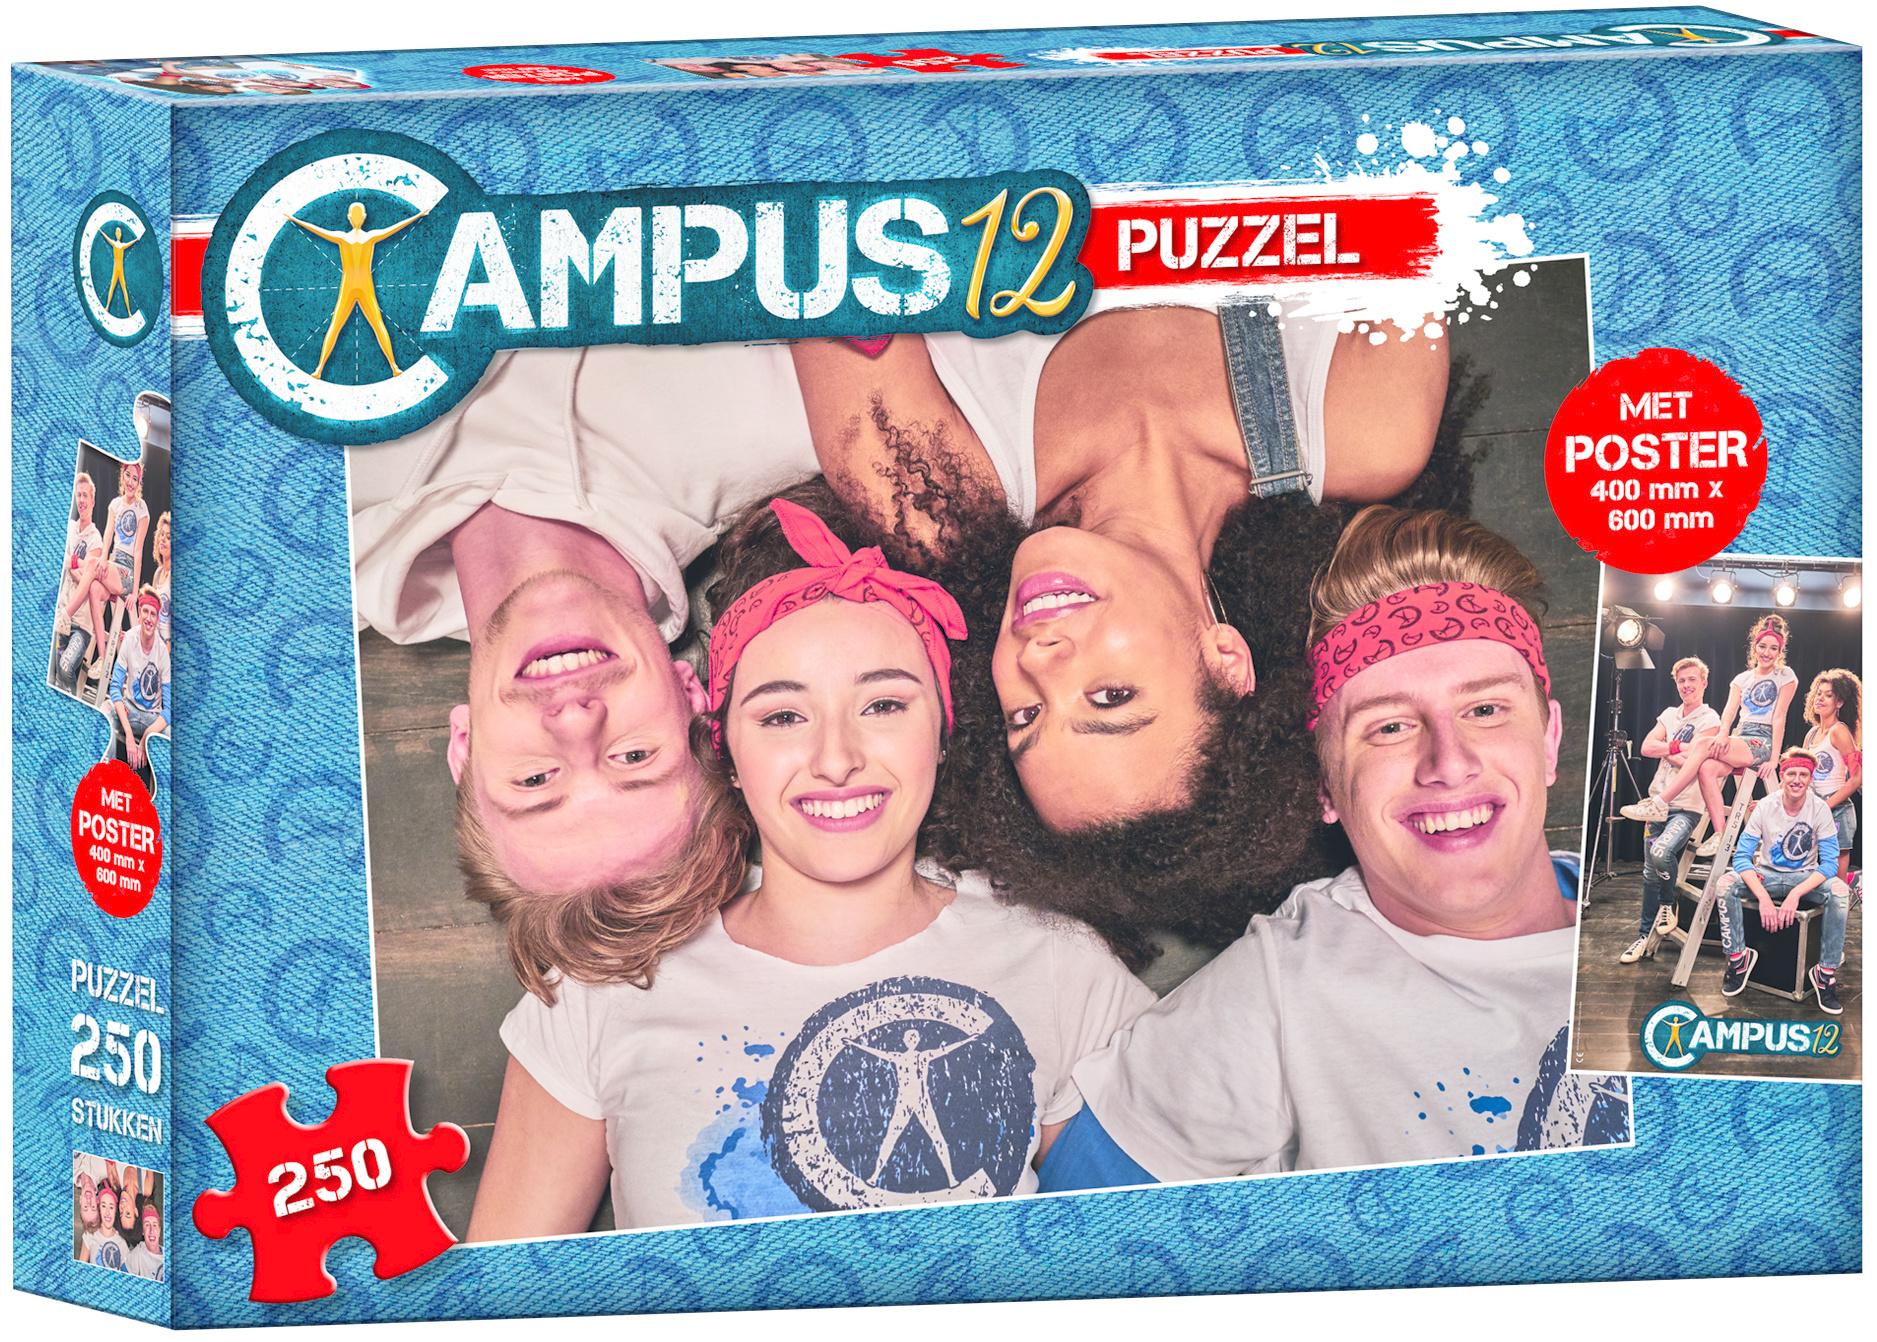 Puzzel Campus 12 met poster: 250 stukjes